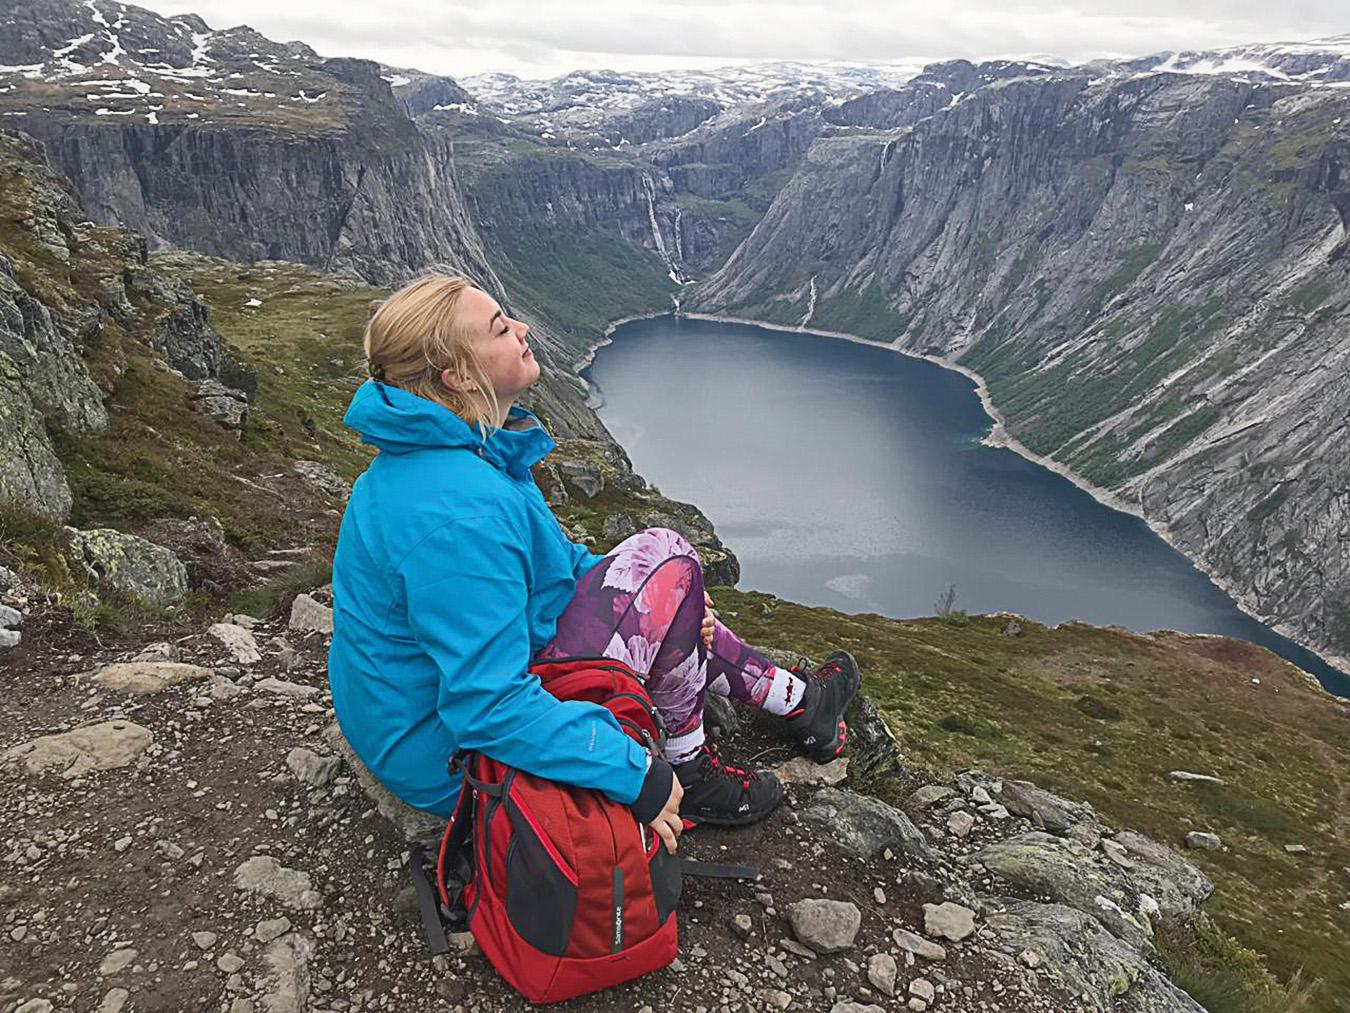 Ceļā uz Trolltunga virsotni, Norvēģija, 2019. gada jūnijs